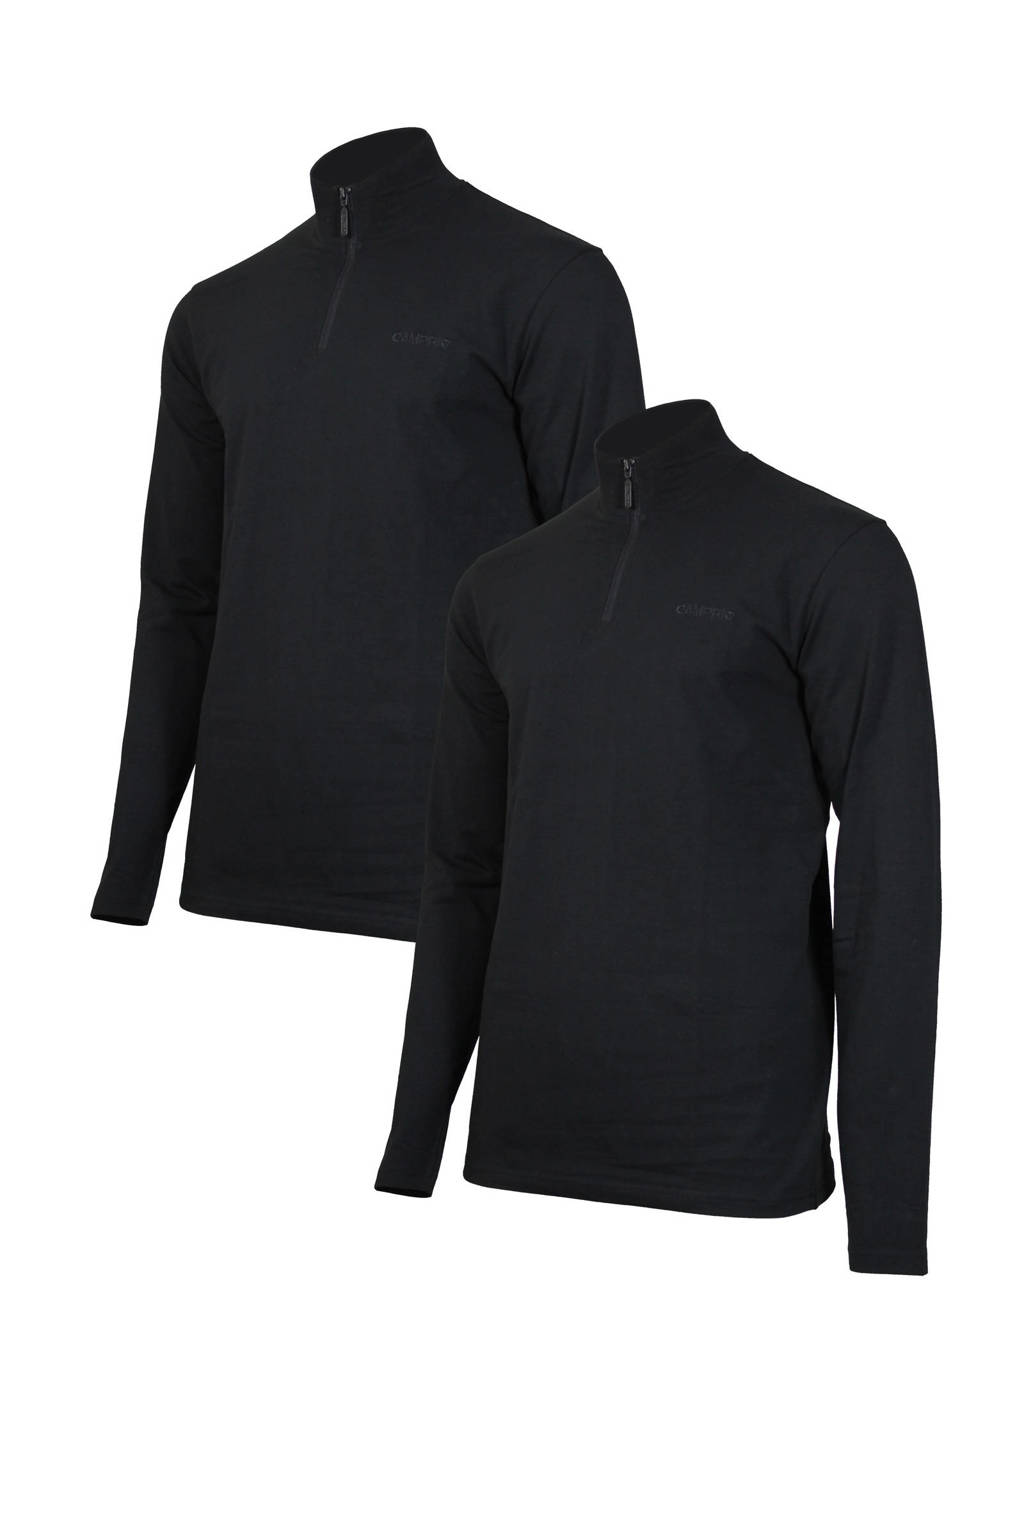 Campri   sport T-shirt zwart, Zwart